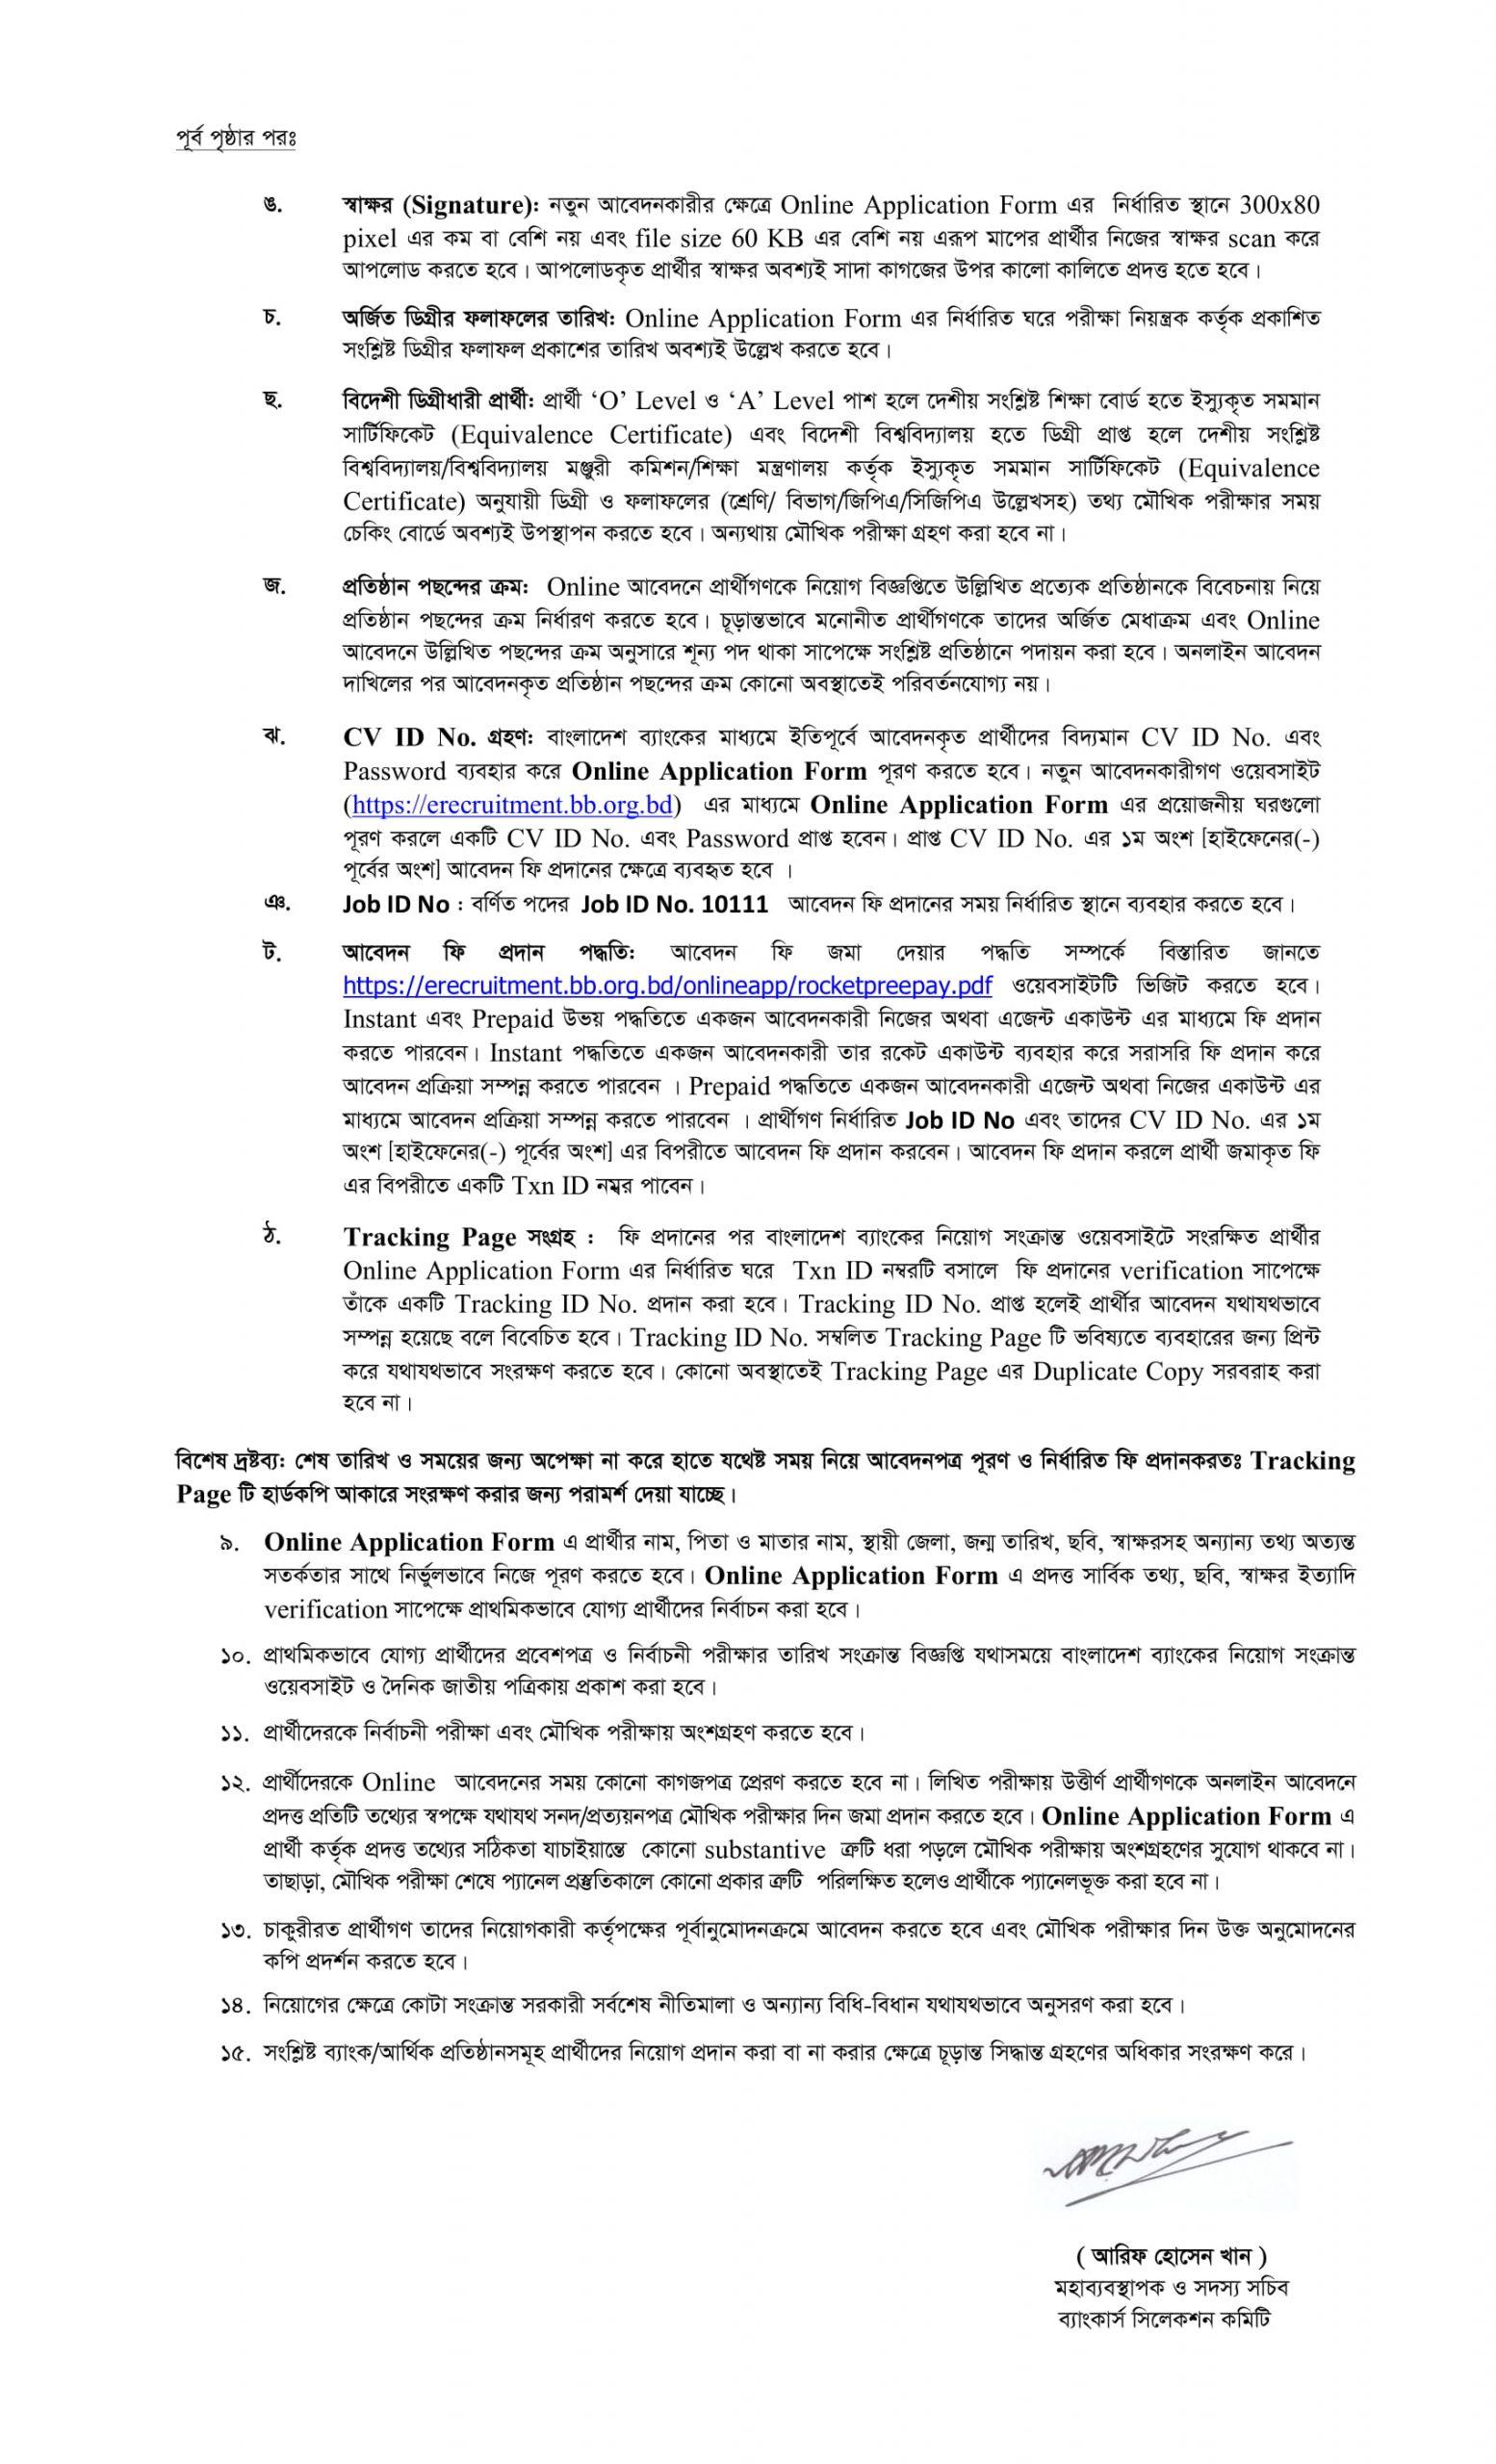 Govt Bank Job Circular 2021